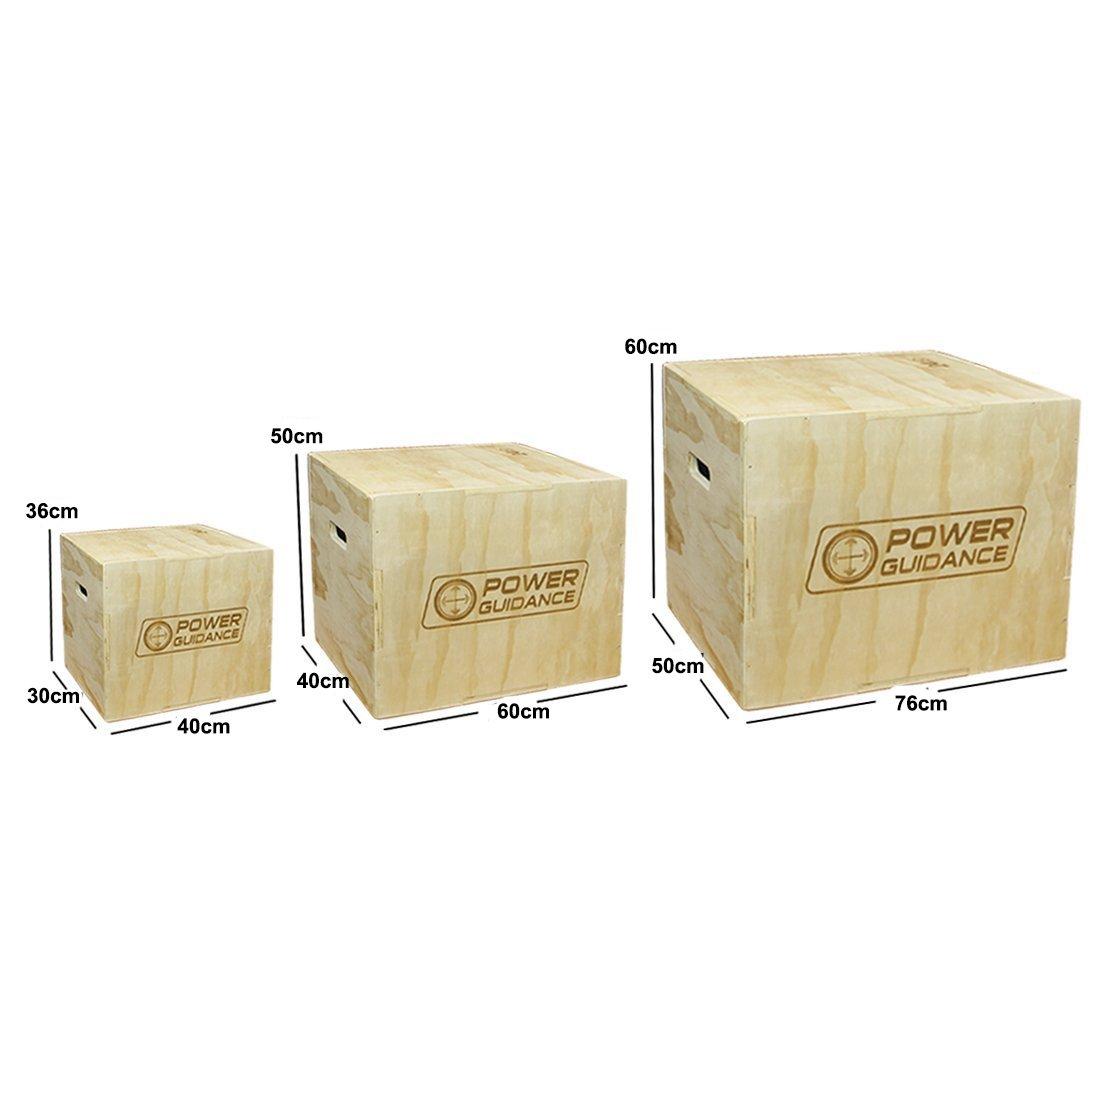 POWER GUIDANCE Caja pliométrica de madera 3 en 1 - Ideal para entrenamiento cruzado - 40/35/30CM, Plyo Caja de madera, Plyo Box: Amazon.es: Deportes y aire libre